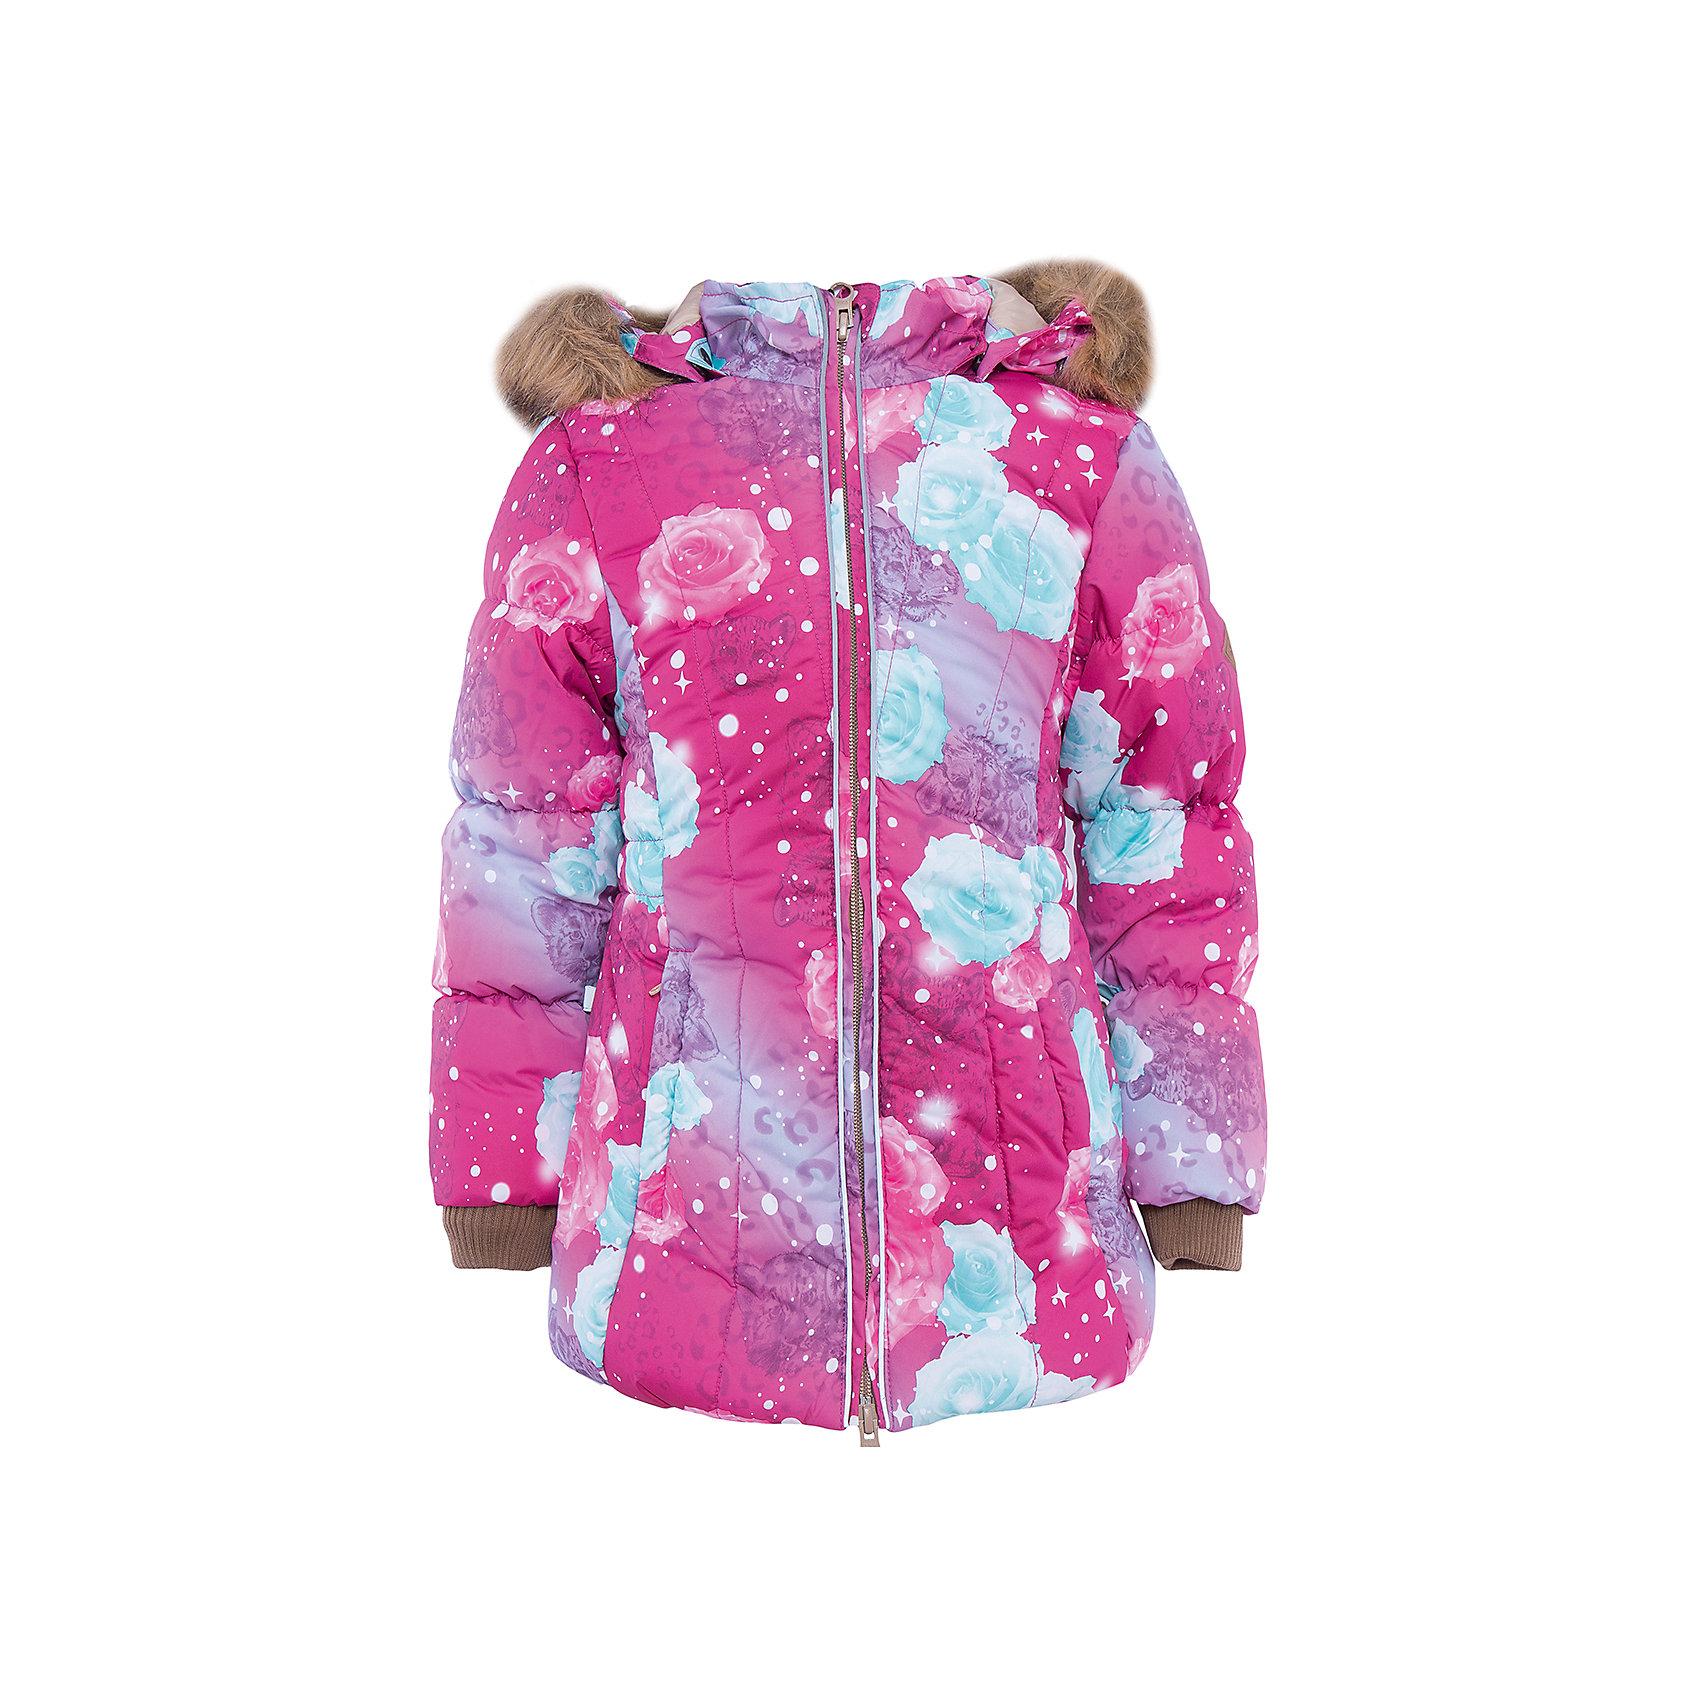 Куртка   для девочки HuppaMETTE Huppa(Хуппа) - утепленная куртка для девочки.<br><br>Утеплитель: 100% полиэстер, 300 гр.<br><br>Температурный режим: до -30 градусов. Степень утепления – высокая. <br><br>* Температурный режим указан приблизительно — необходимо, прежде всего, ориентироваться на ощущения ребенка. Температурный режим работает в случае соблюдения правила многослойности – использования флисовой поддевы и термобелья.<br><br>Она сделана из прочных дышащих материалов, которые не пропускают воду и ветер и выводят лишнюю влагу. Утеплитель HuppaTherm сохранит высокую теплоизоляцию и объем. Кроме того, куртку легко стирать при температуре до 40 градусов и сушить. Приятный дизайн и высокое качество непременно понравятся юной обладательнице такой куртки!<br><br>Особенности:<br>-съемный мех на капюшоне<br>-светоотражающие элементы<br>-отстегивающийся капюшон<br>-скрытые манжеты на рукавах<br><br>Дополнительная информация: <br>Материал: 100% полиэстер<br>Подкладка: тафта - 100% полиэстер<br>Цвет: розовый/голубой<br><br>Куртку METTE Huppa(Хуппа) можно приобрести в нашем интернет-магазине.<br><br>Ширина мм: 356<br>Глубина мм: 10<br>Высота мм: 245<br>Вес г: 519<br>Цвет: розовый<br>Возраст от месяцев: 96<br>Возраст до месяцев: 108<br>Пол: Женский<br>Возраст: Детский<br>Размер: 134,140,128,122,116,110,104<br>SKU: 4928289